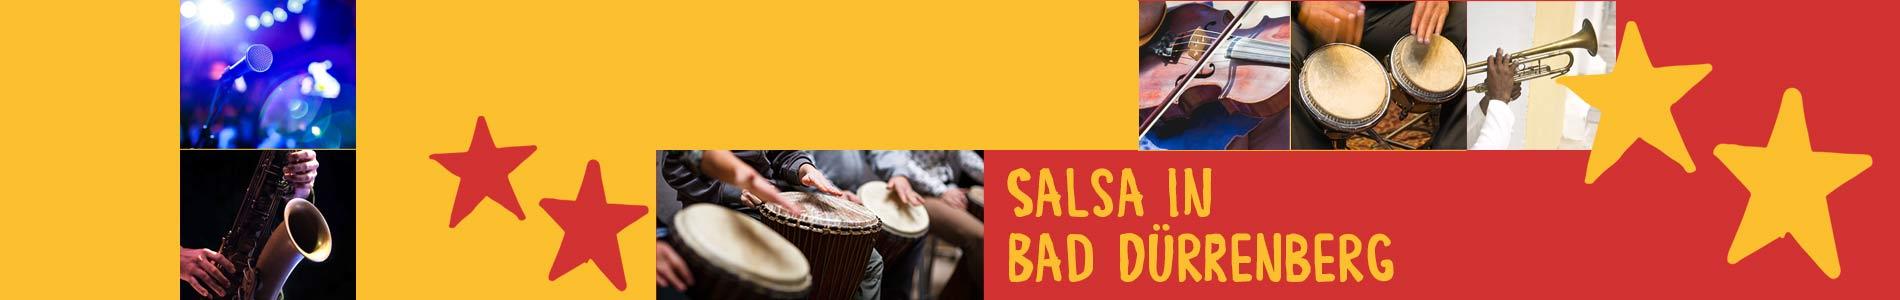 Salsa in Bad Dürrenberg – Salsa lernen und tanzen, Tanzkurse, Partys, Veranstaltungen